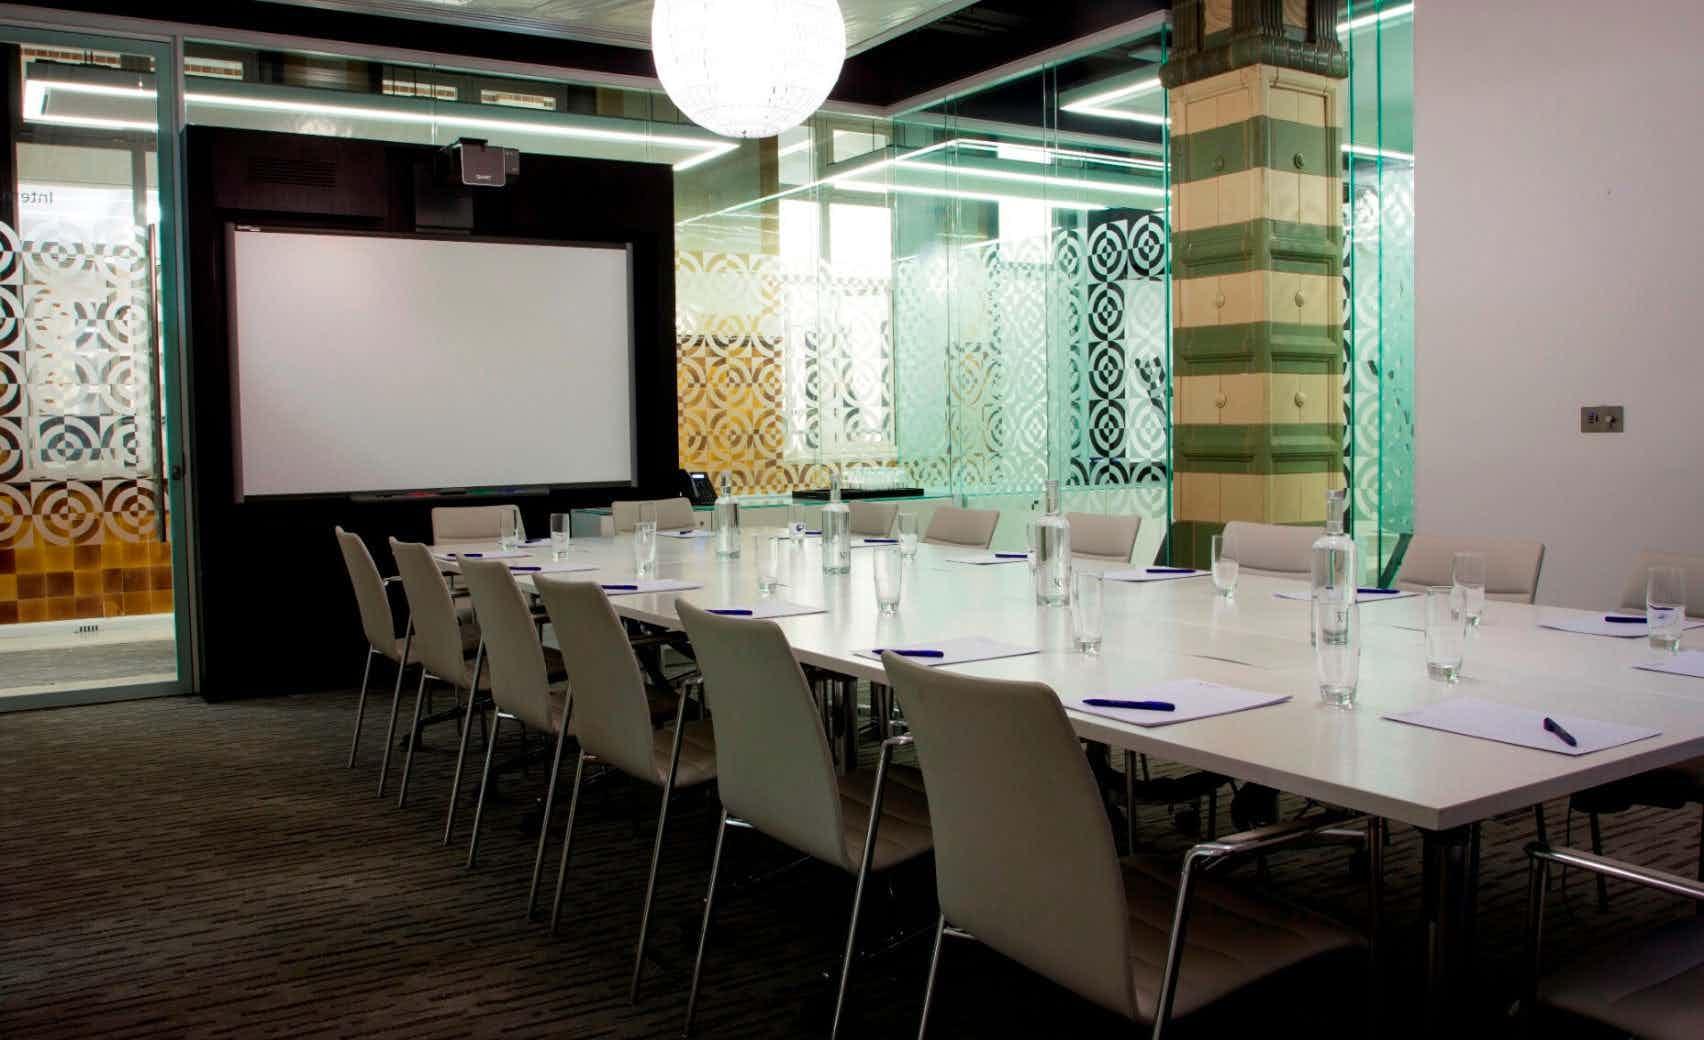 Ground Floor Meeting Room 1, 30 Euston Square